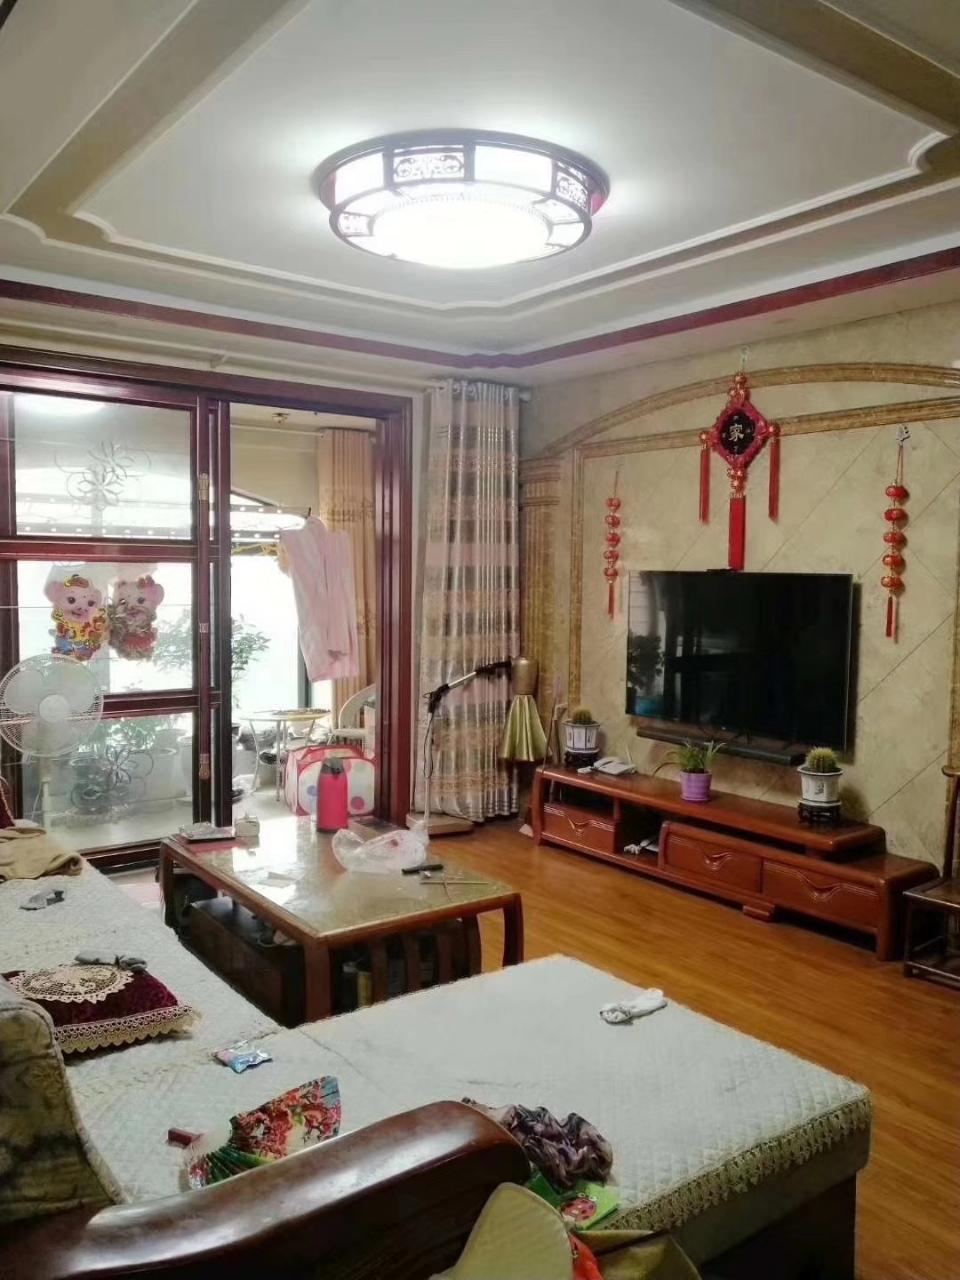 瑞贝卡·和天下3室 2厅 2卫83万元